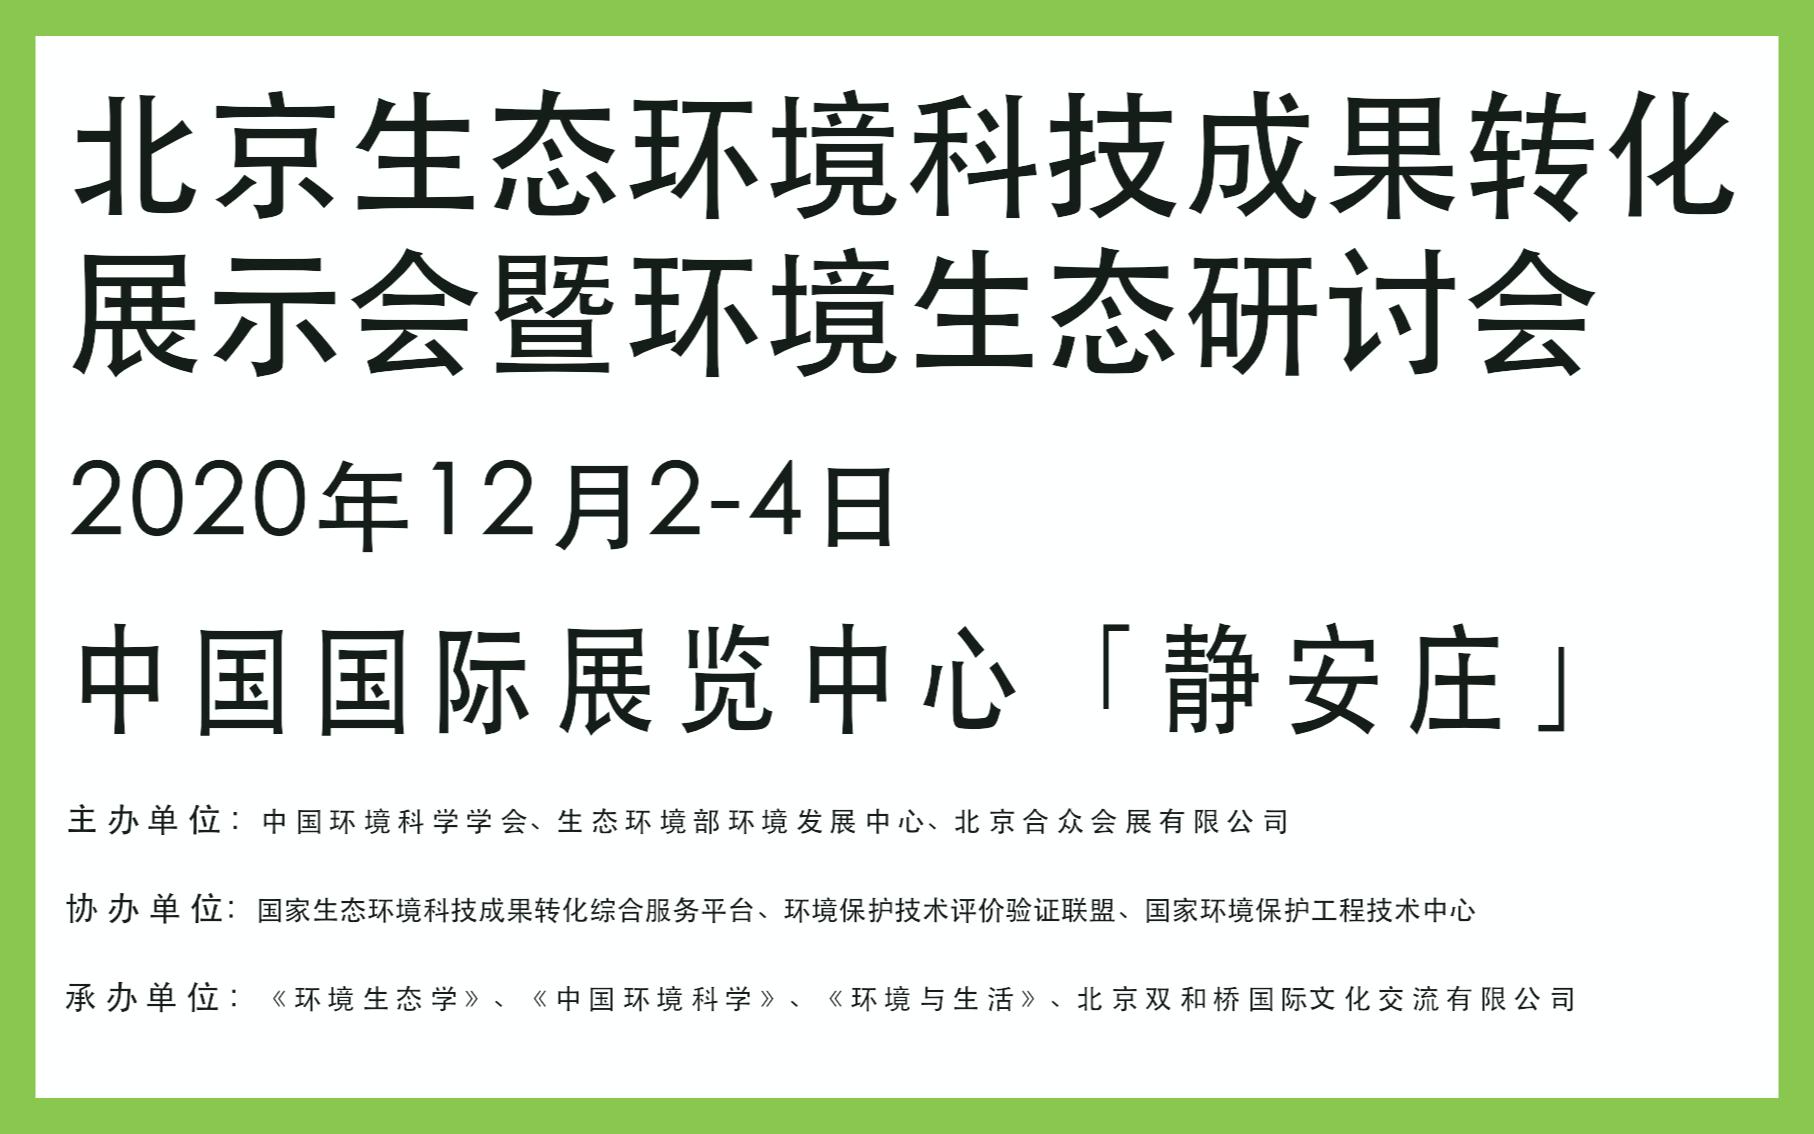 2020北京⽣态环境科技成果转化展⽰会暨环境⽣态研讨会